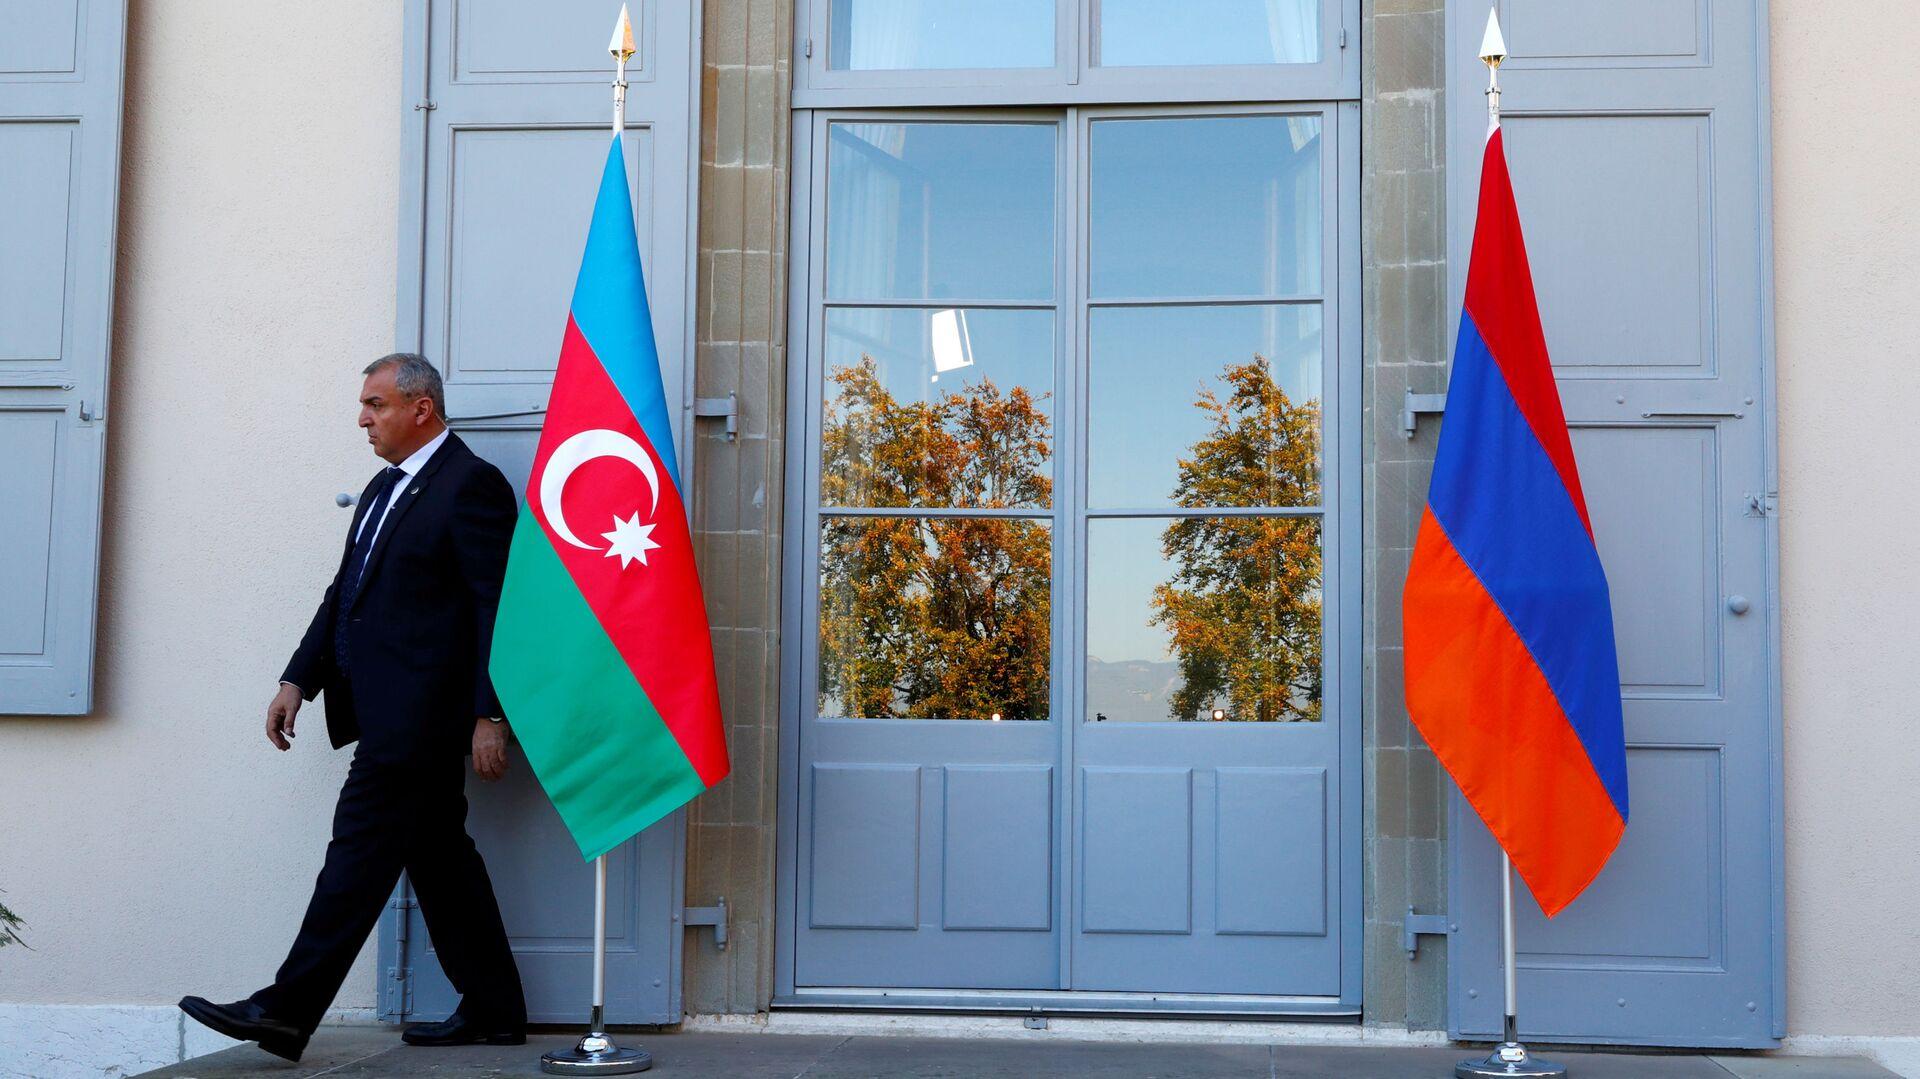 Banderas de Armenia y Azerbaiyán  - Sputnik Mundo, 1920, 23.07.2020